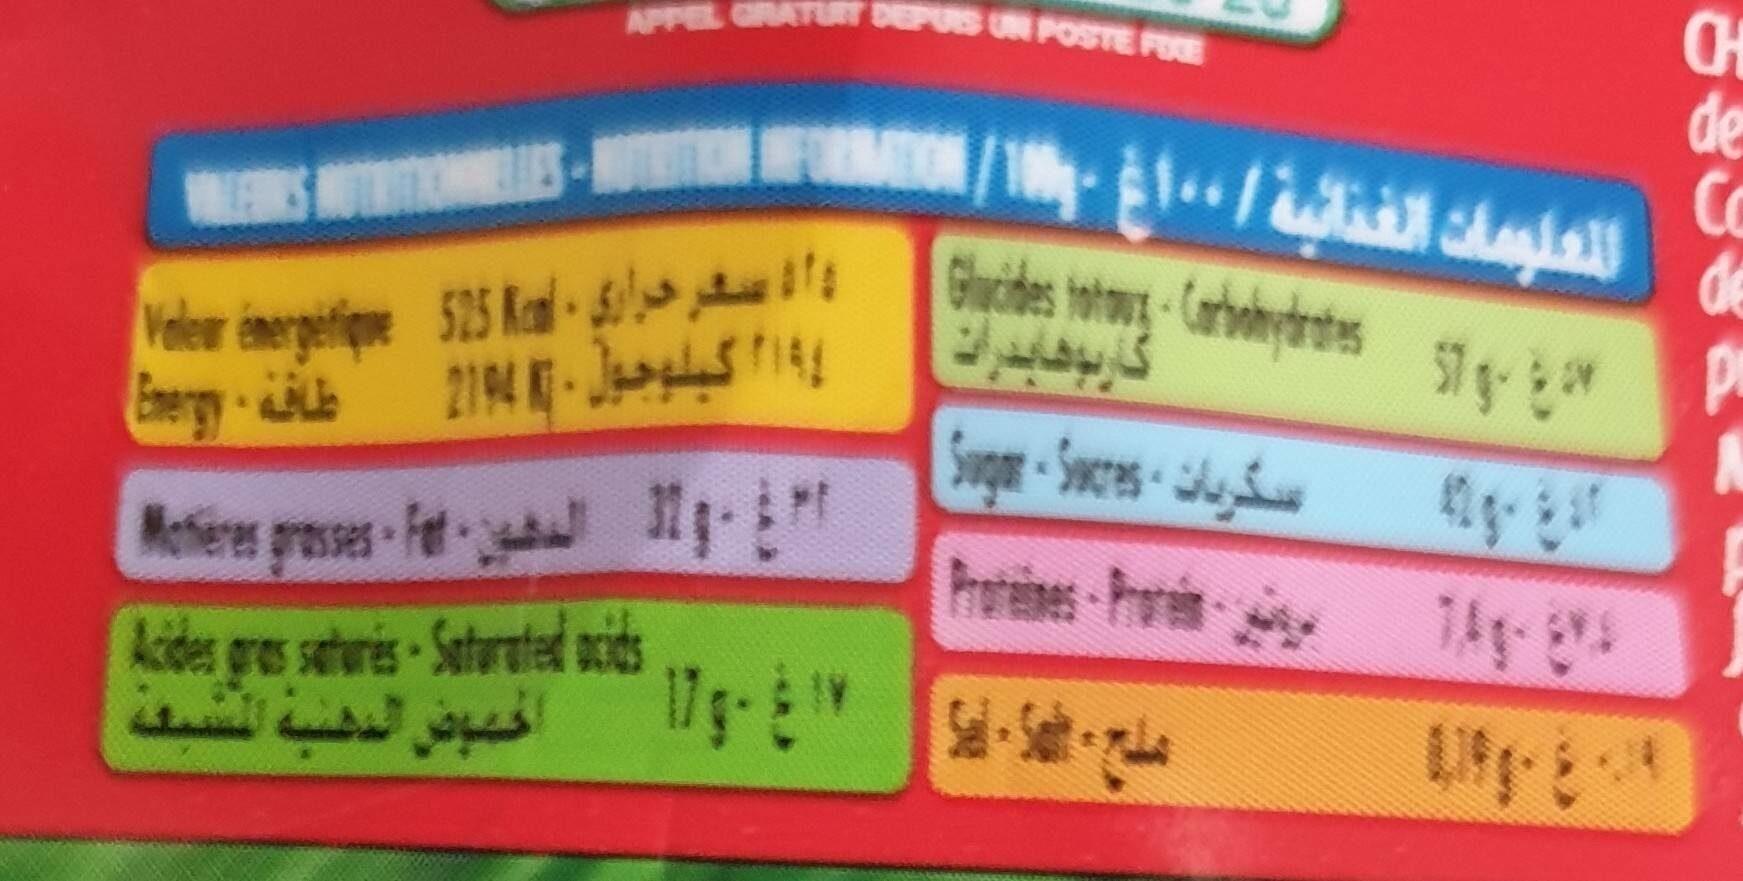 Tris - Informations nutritionnelles - en